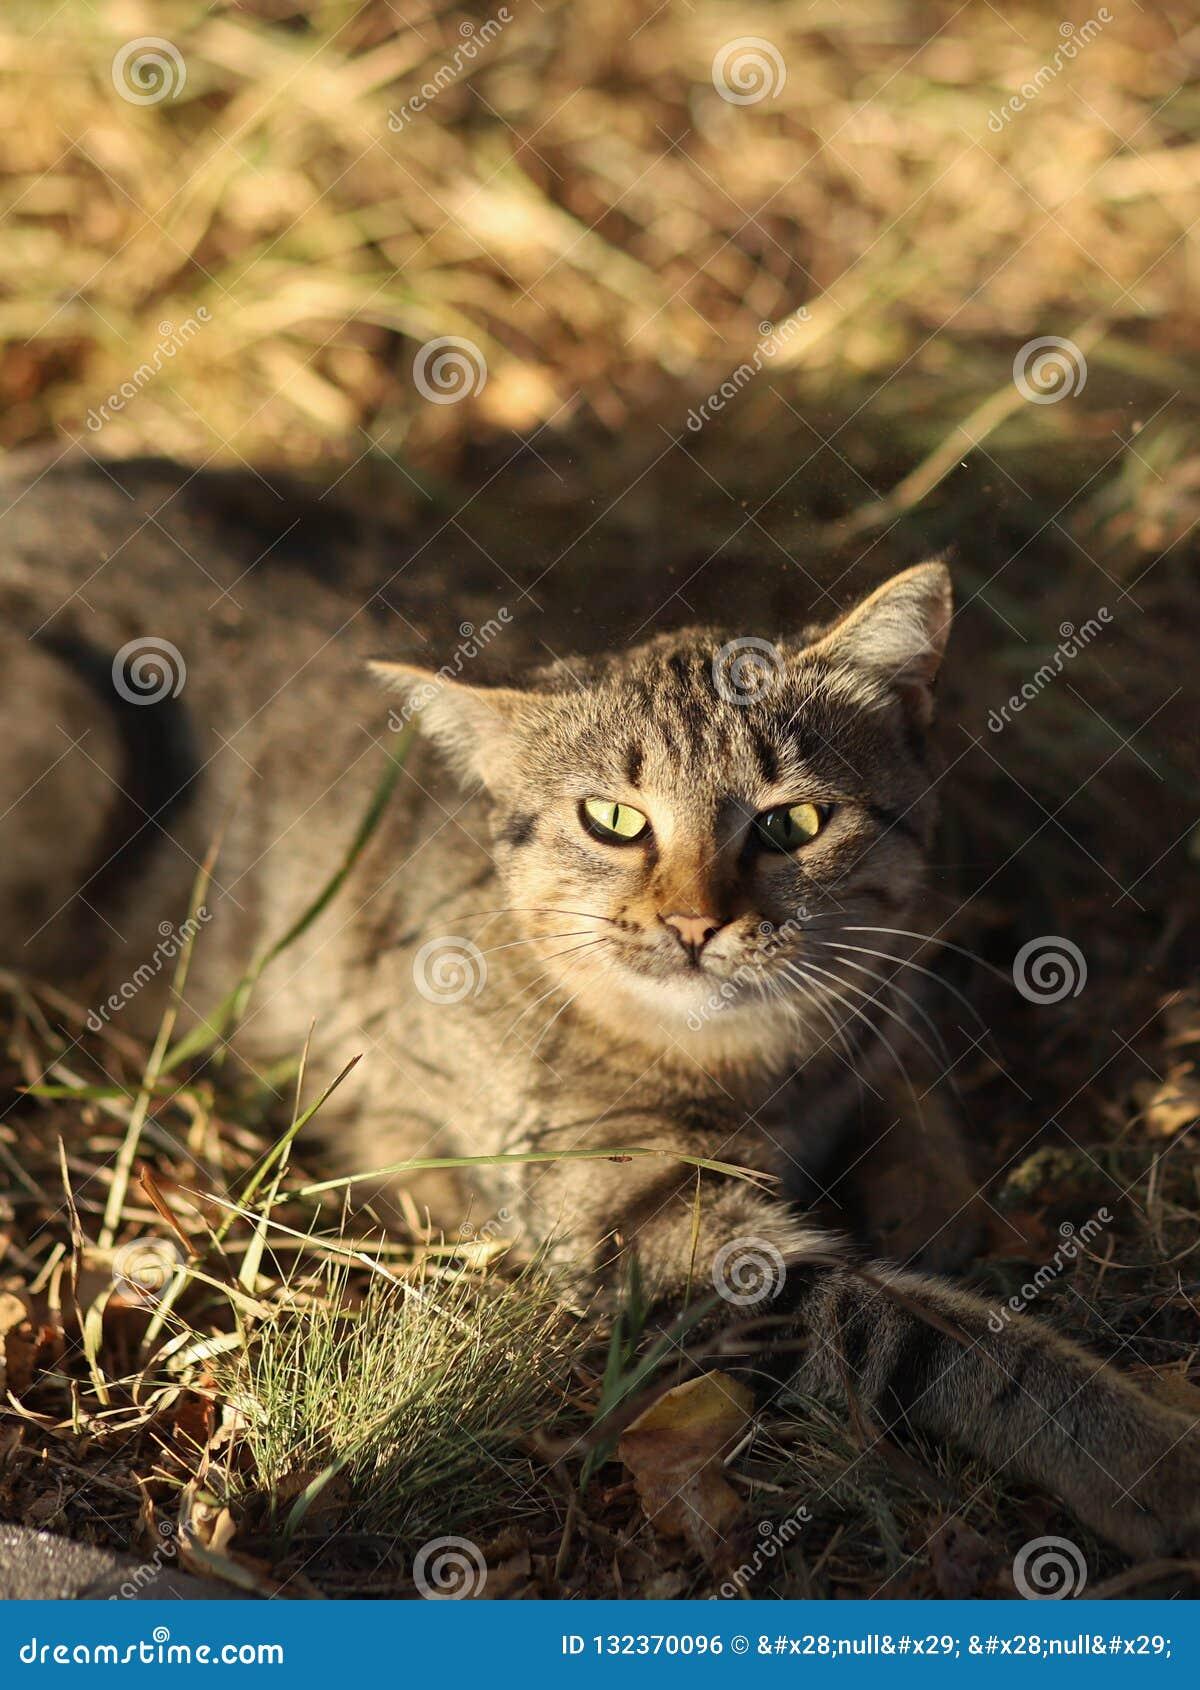 Przybłąkanego kota fotografa nowa fotografia, mały tygrysi kot relaksuje